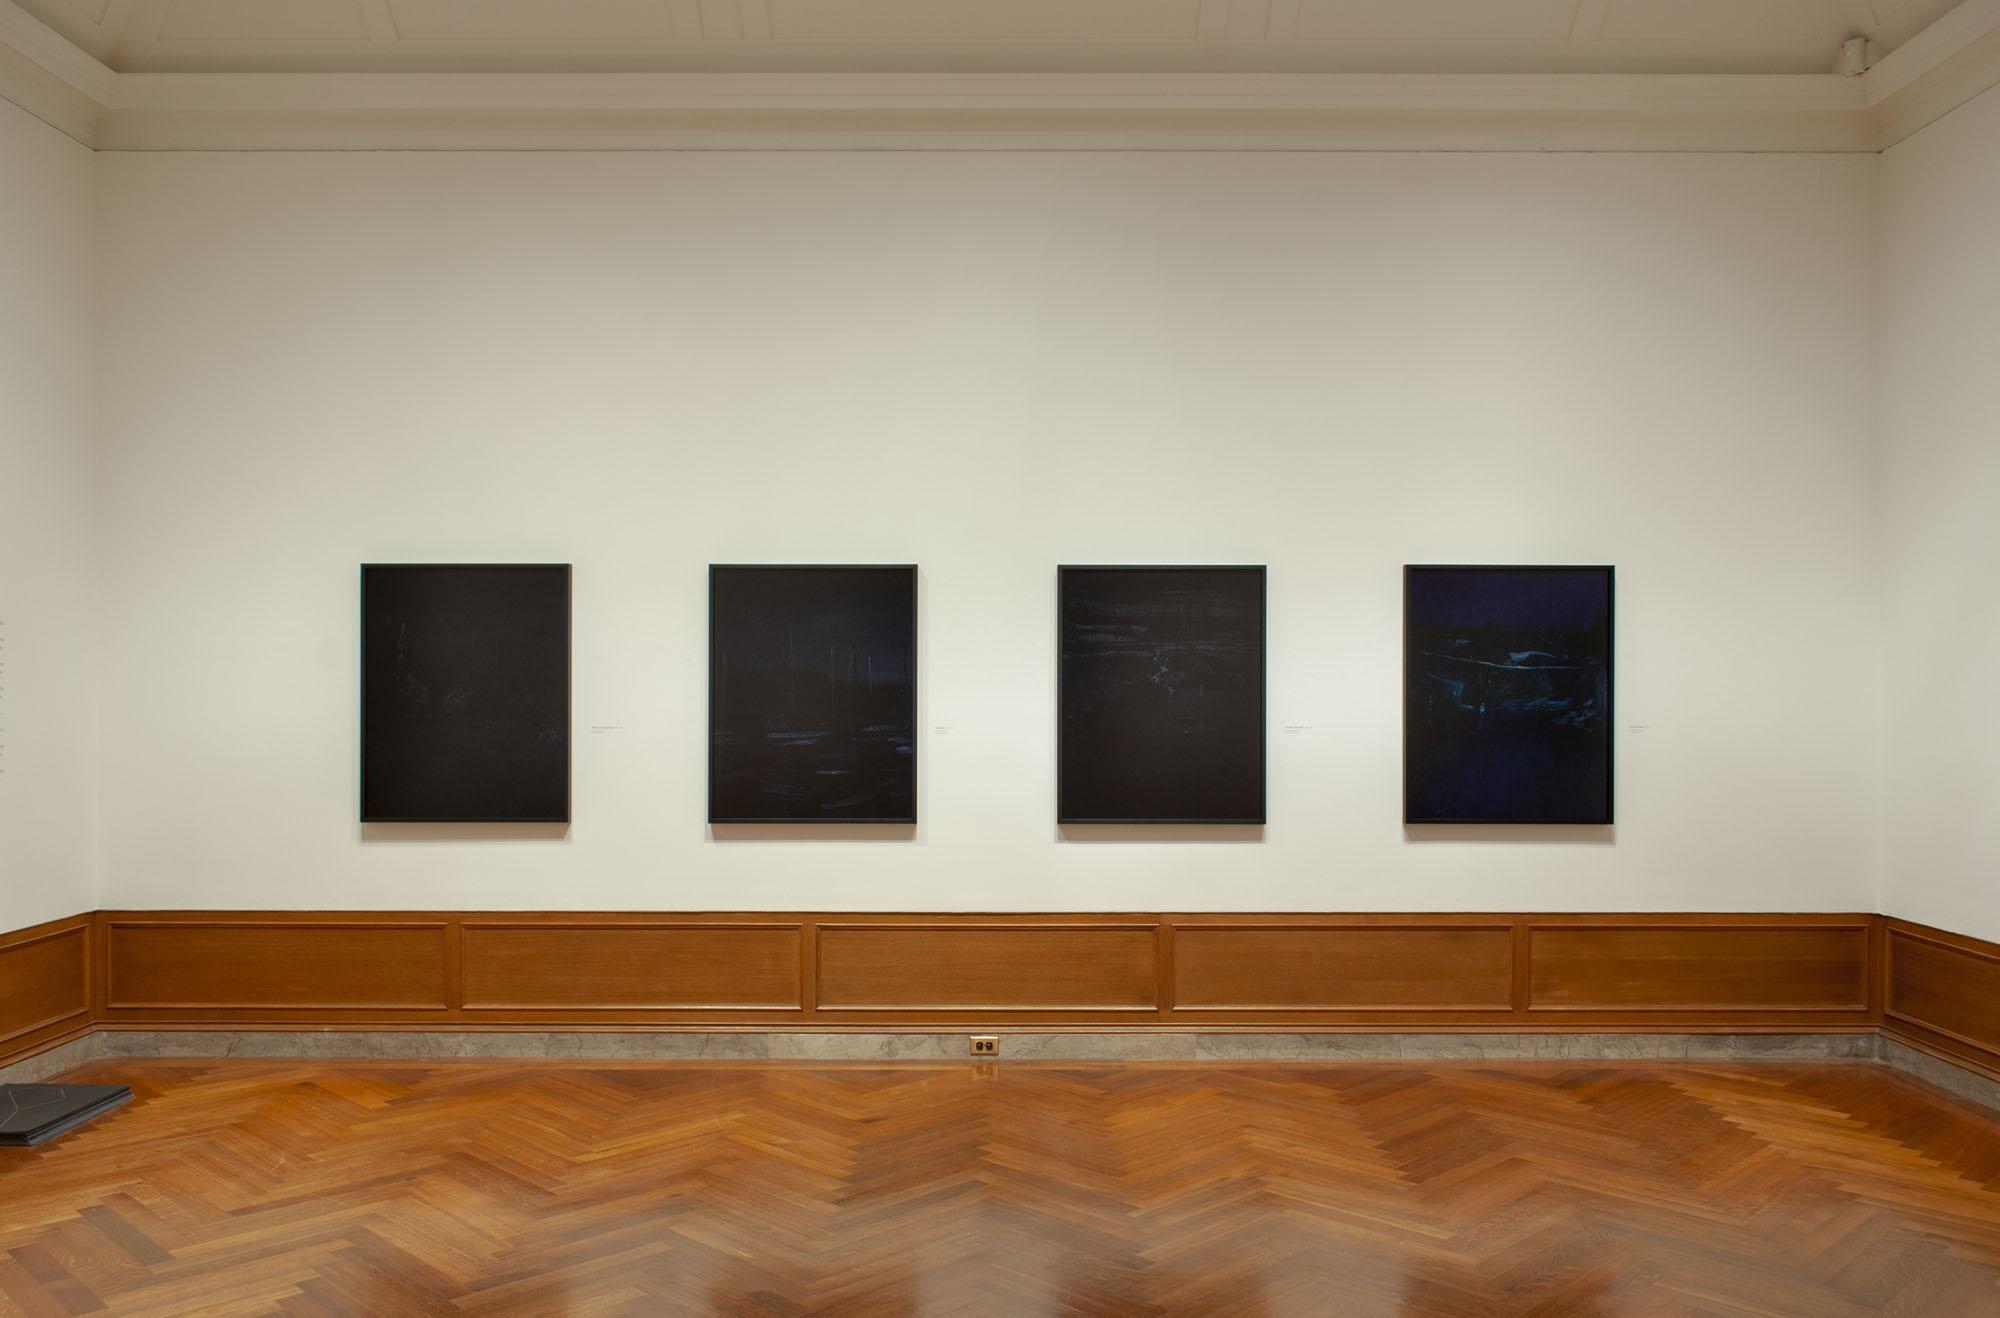 Manship_Gallery 202_006.jpg